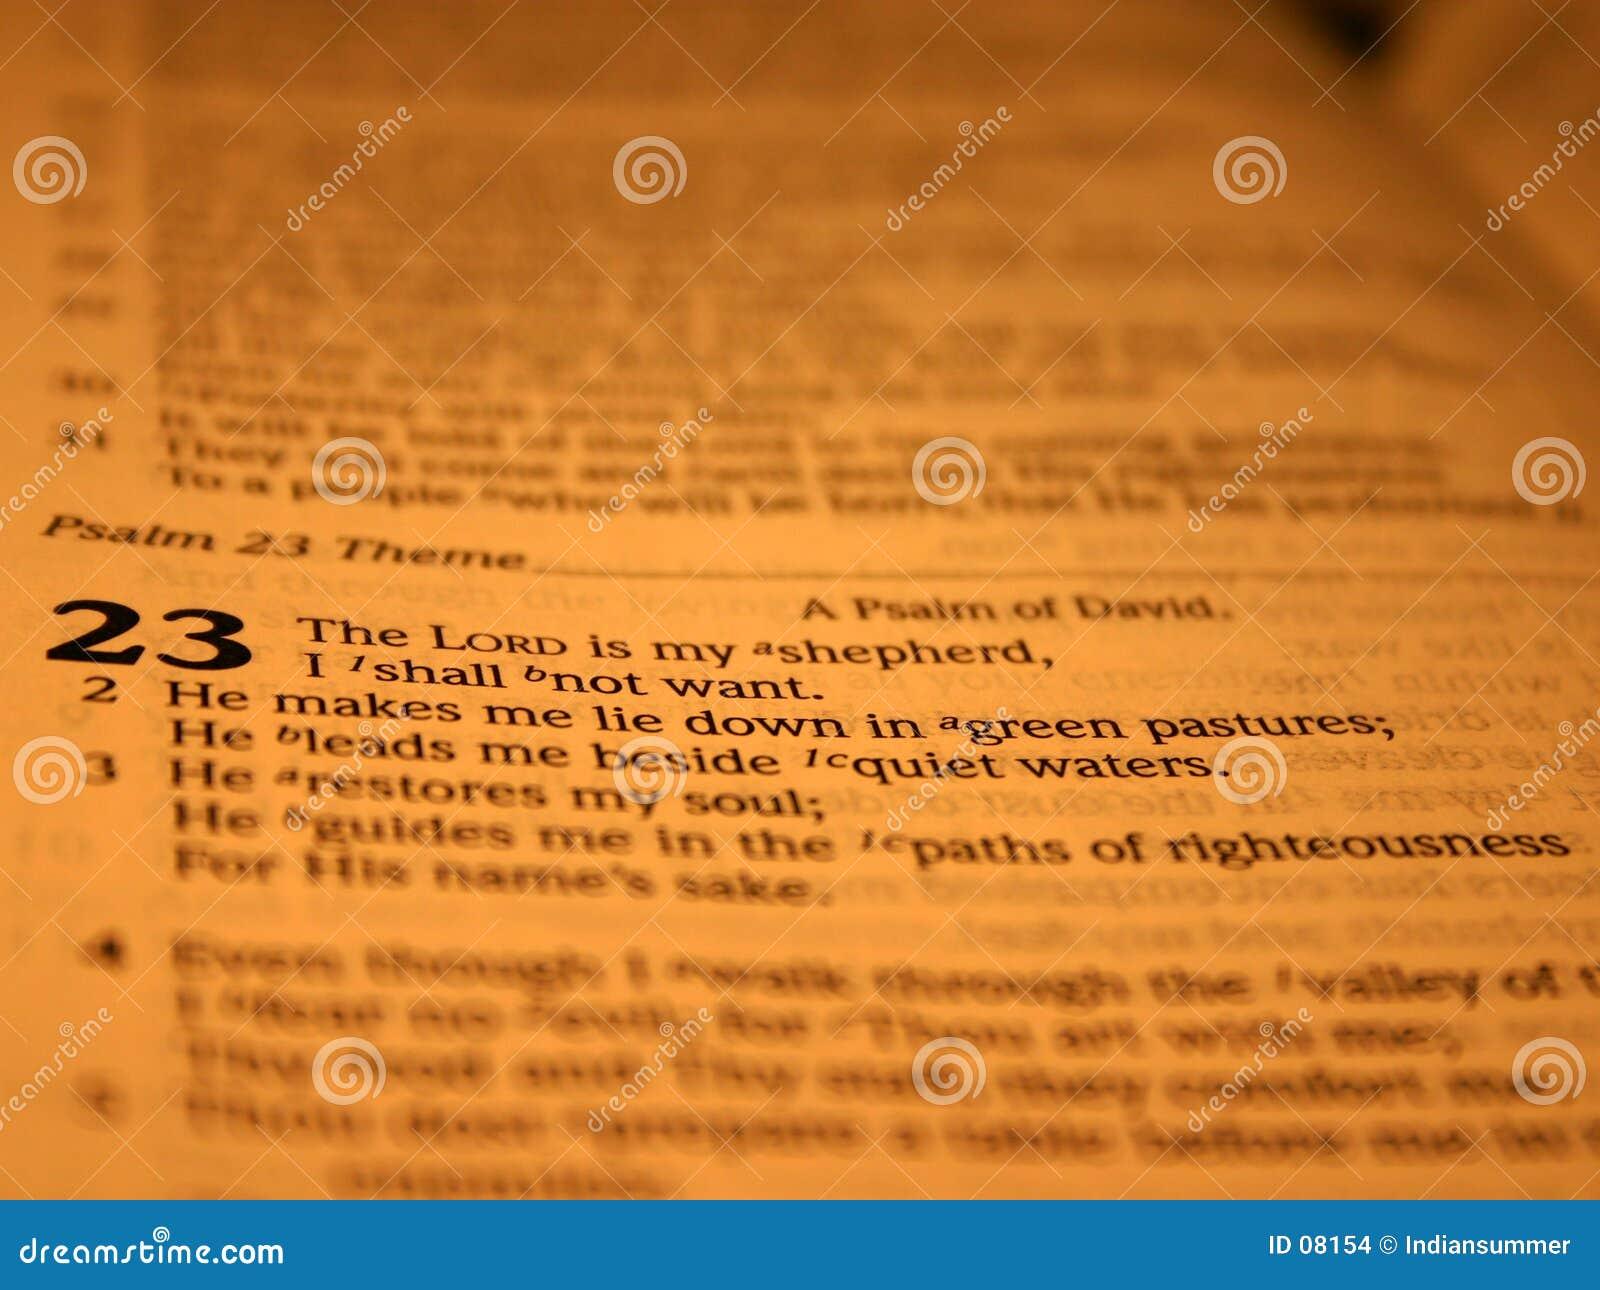 Ii 23 psalm